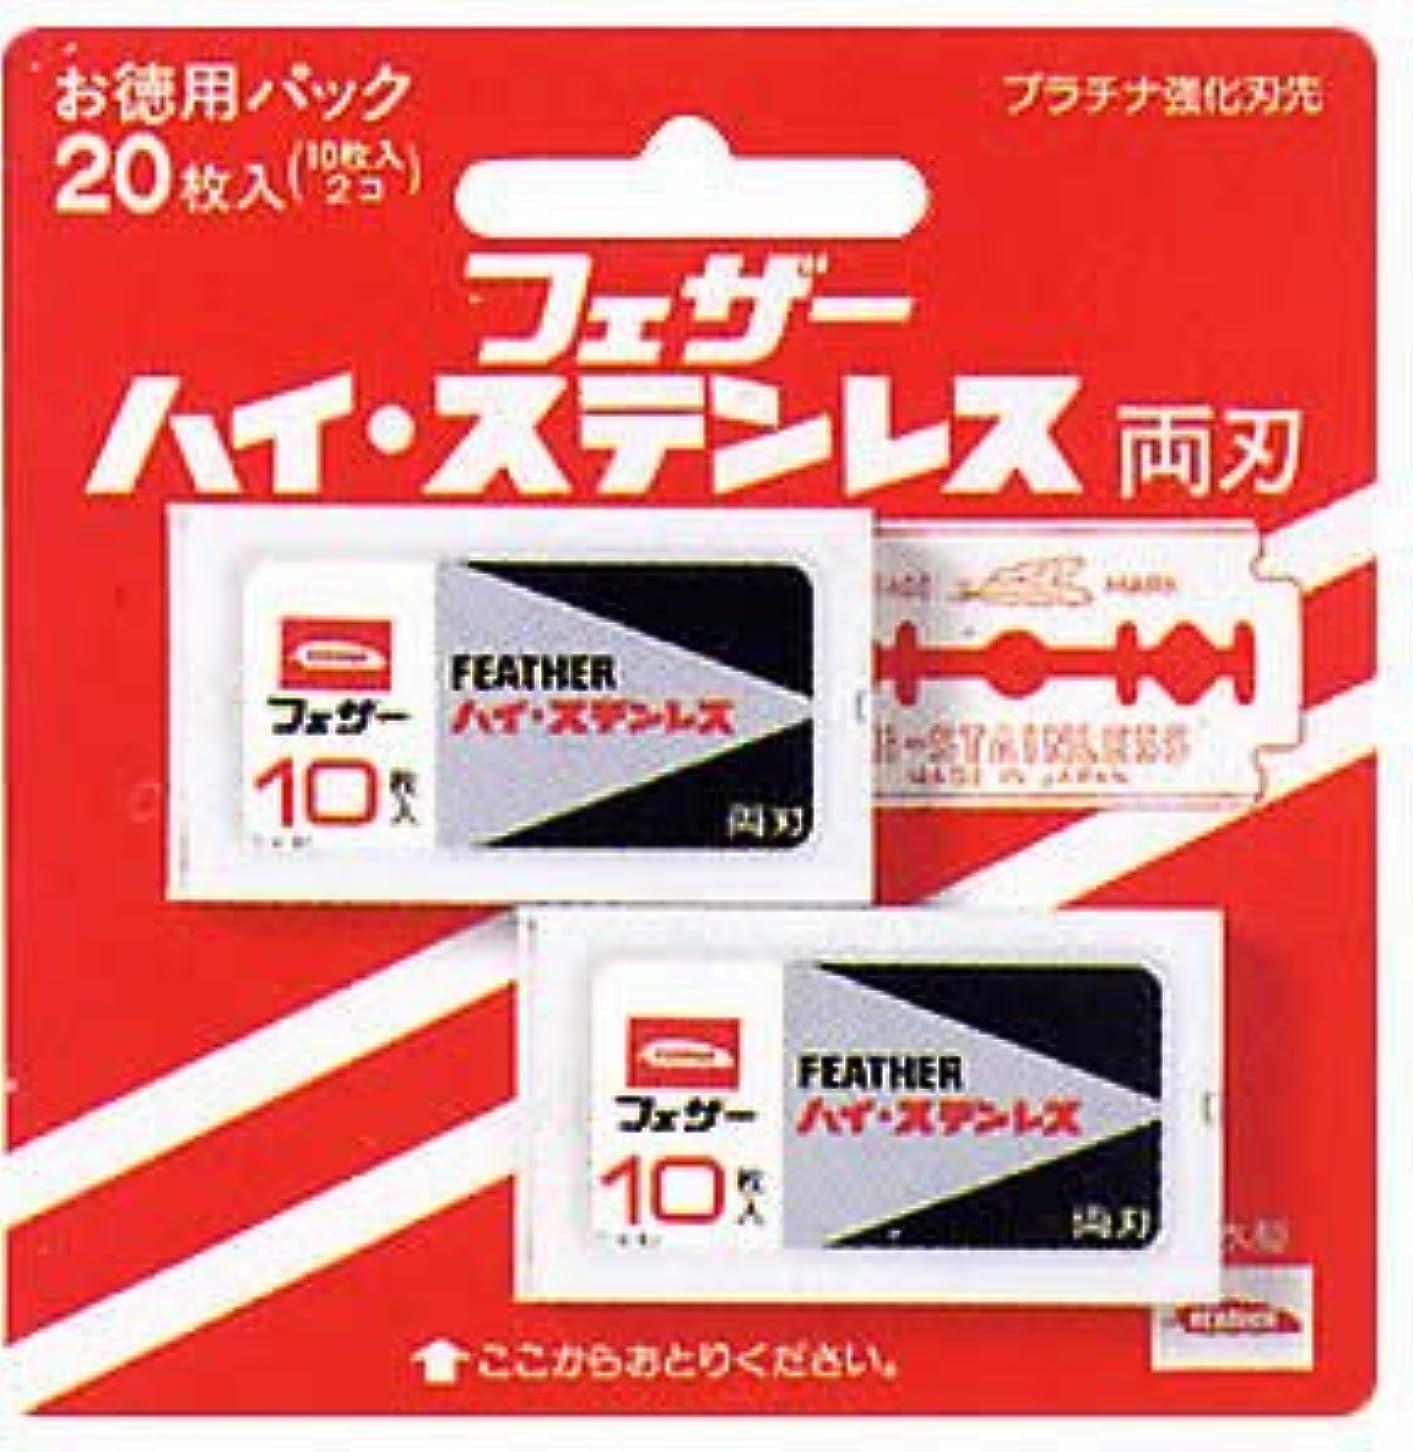 準備したインフラ便利フェザー ハイステンレス両刃 20枚入